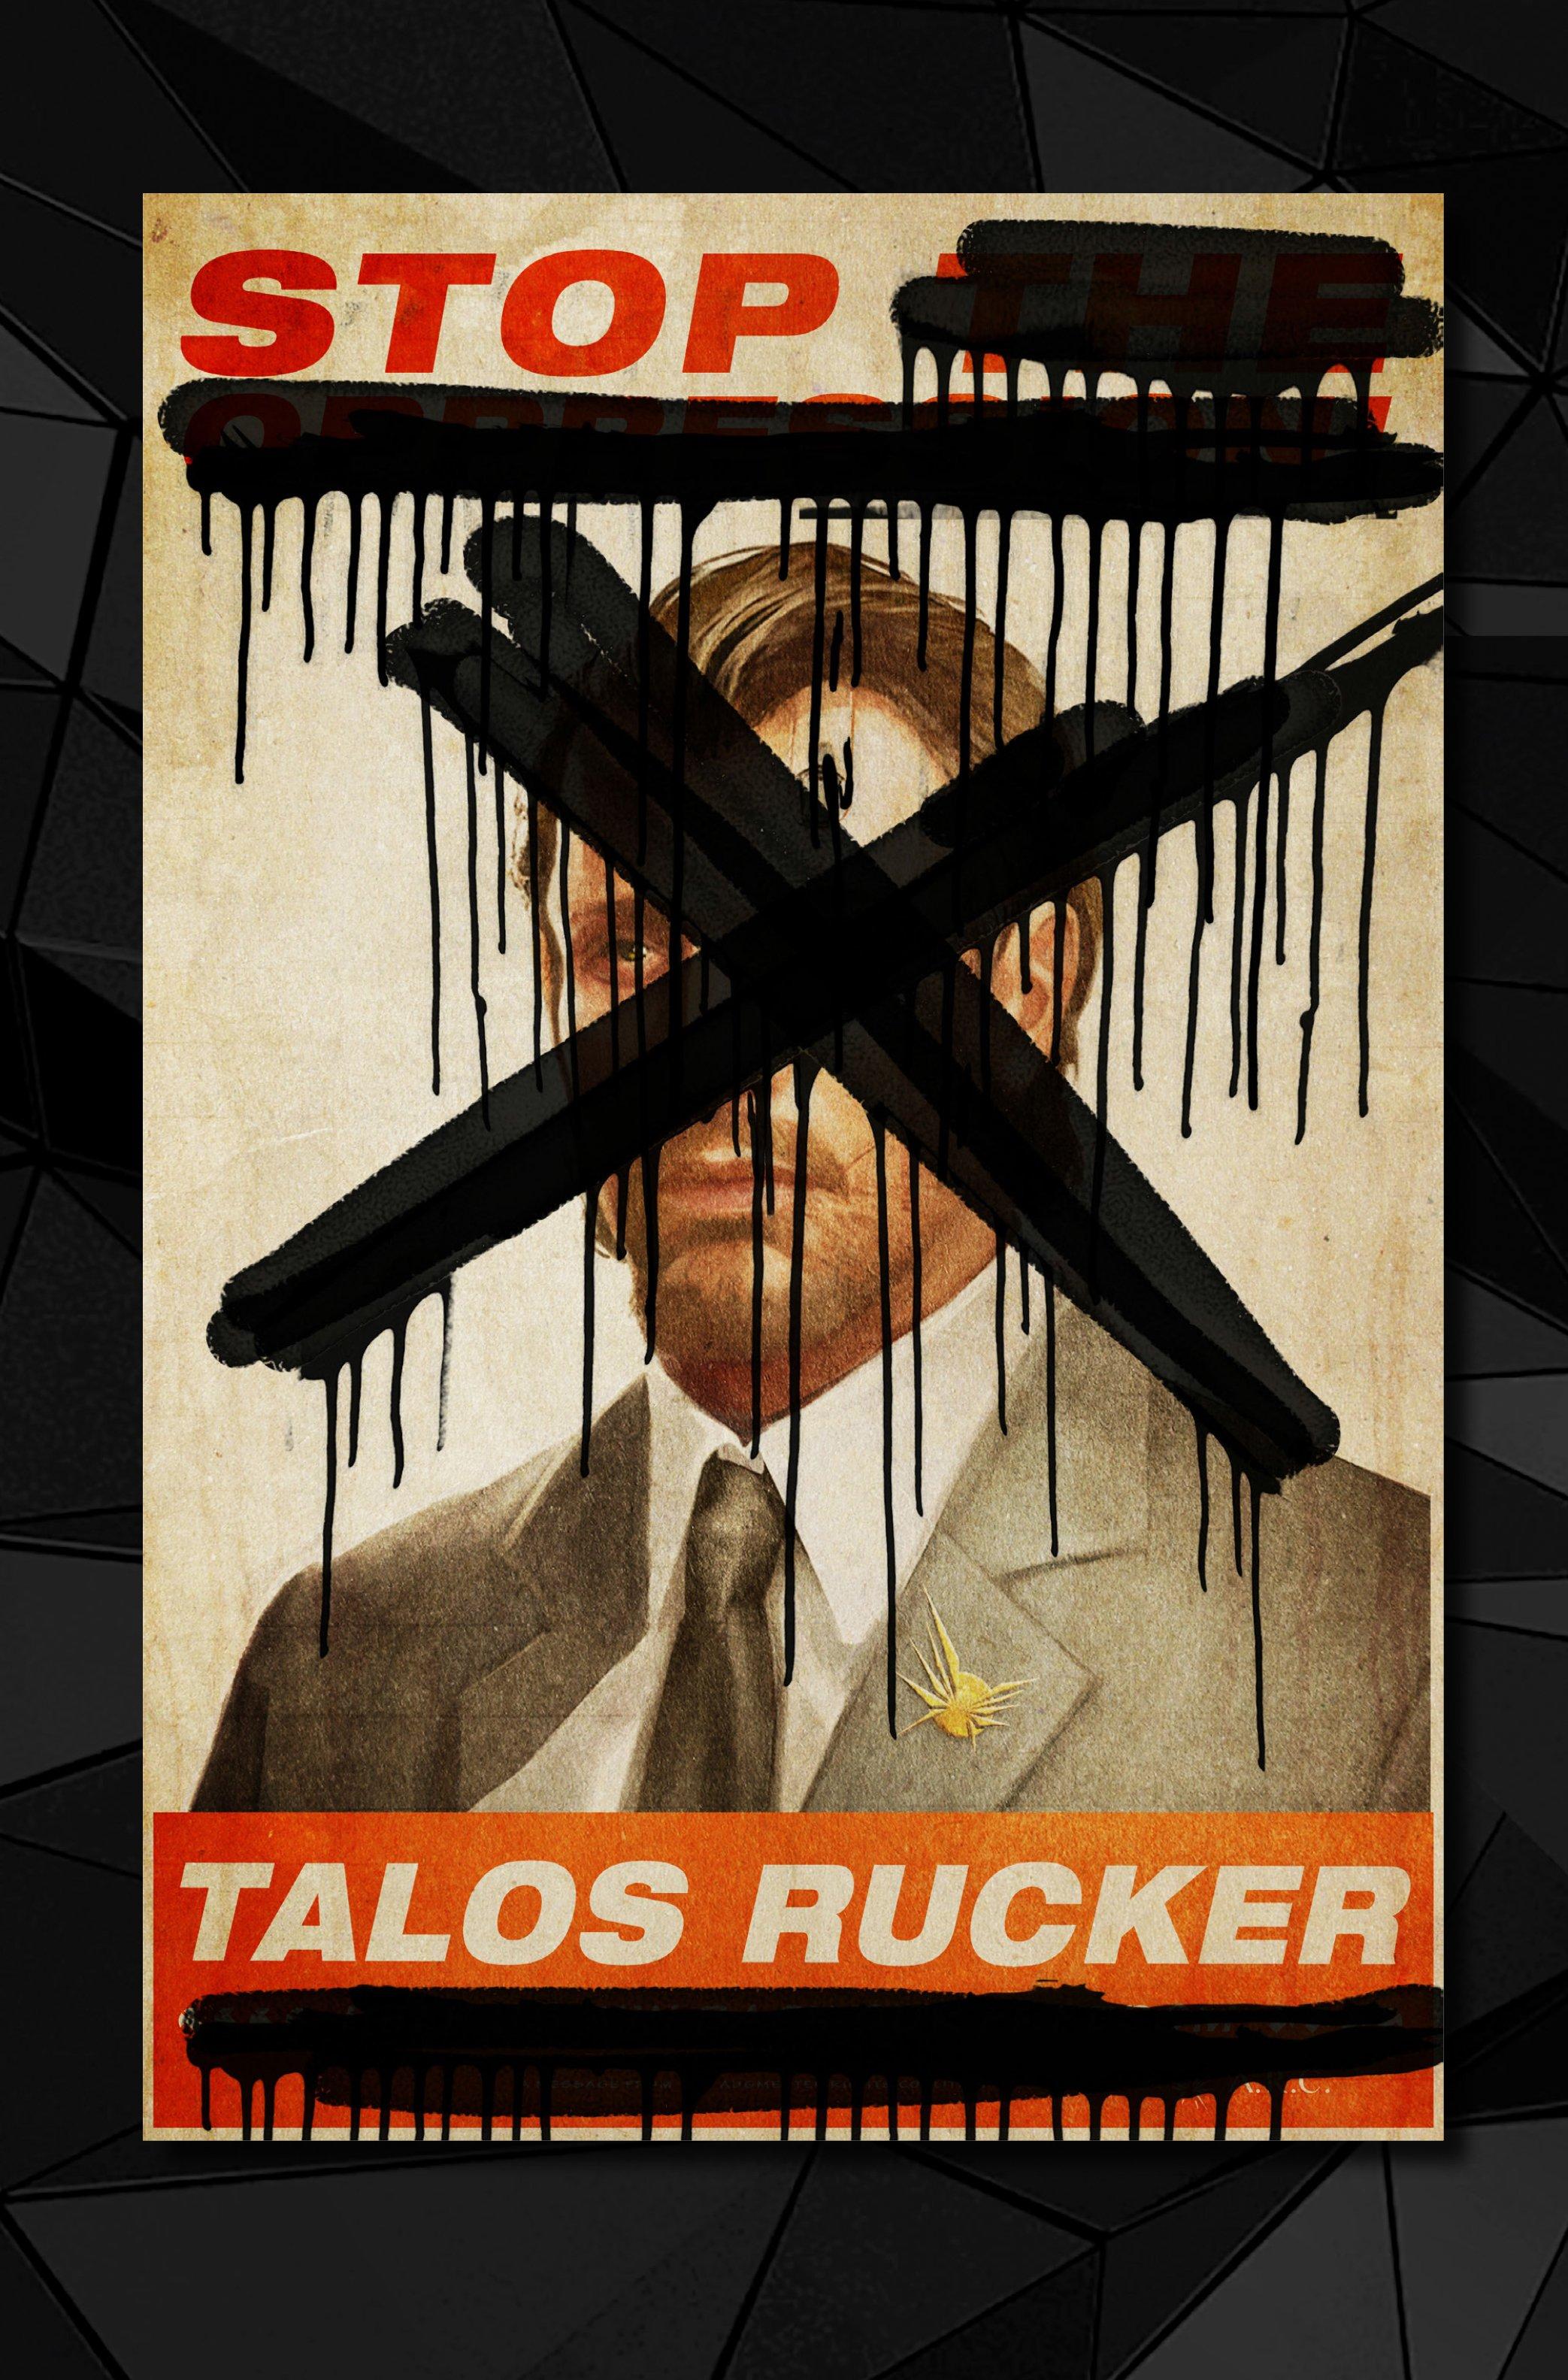 Агитплакаты Deus Ex, которые можно найти в комикс-серии Deus Ex Universe - Children's Crusade. - Изображение 16